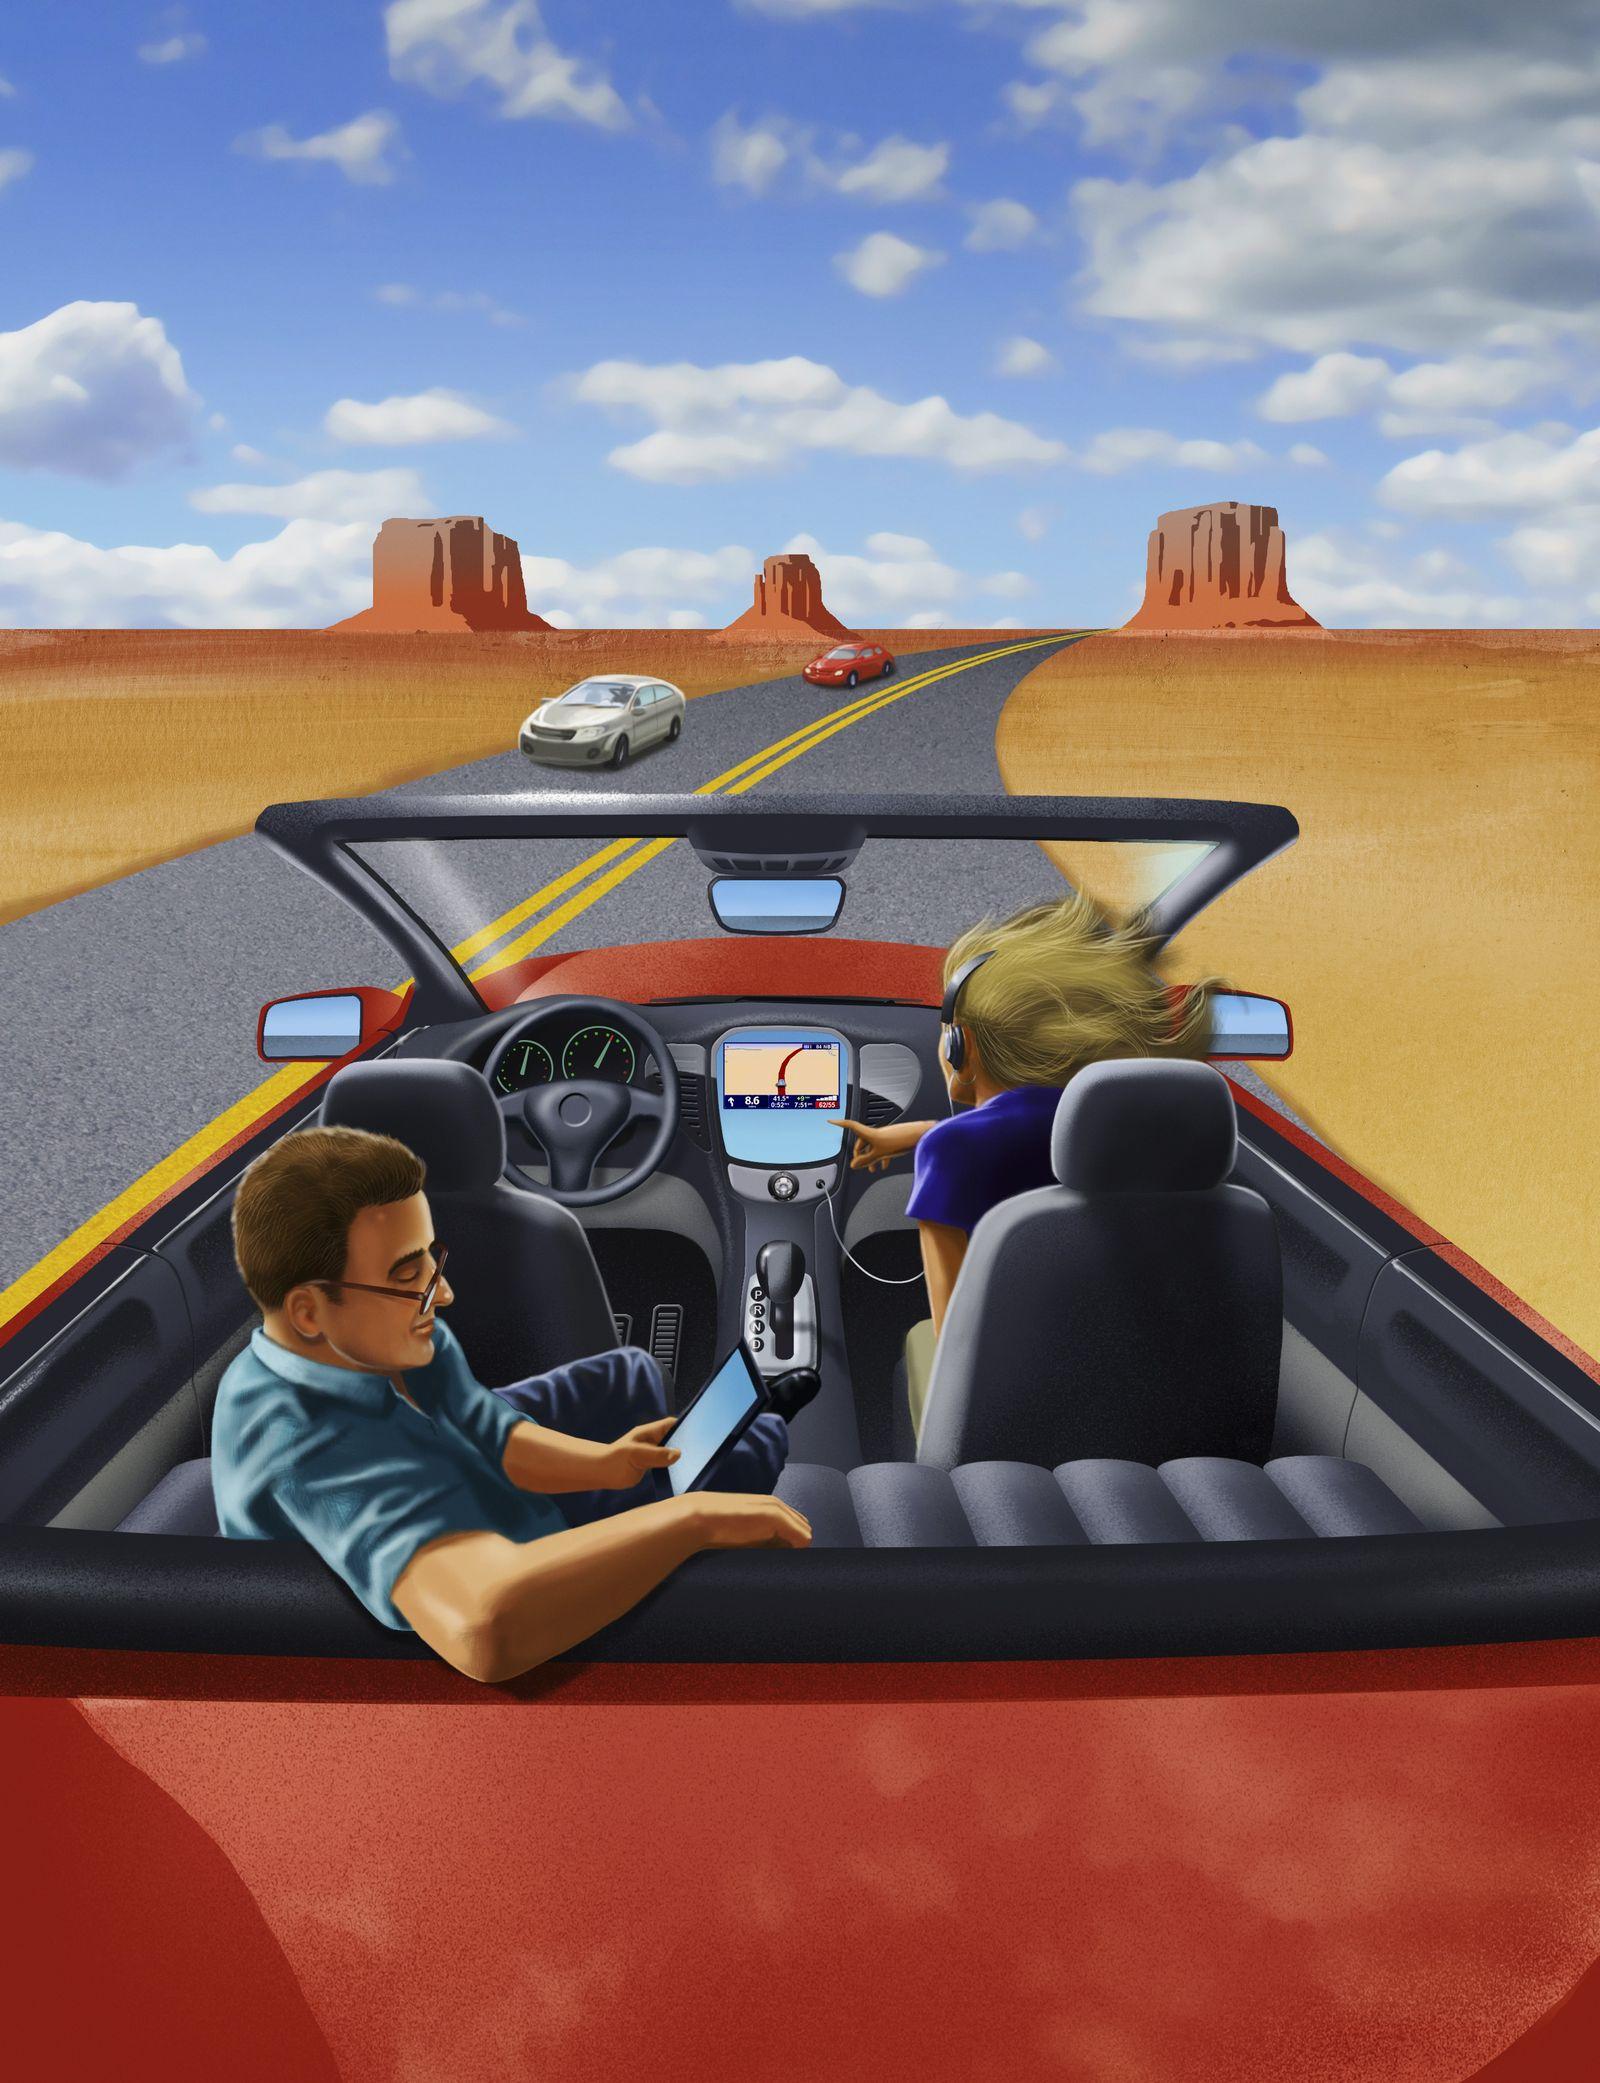 NICHT MEHR VERWENDEN! - Fahrerlos / Autonomes Taxi